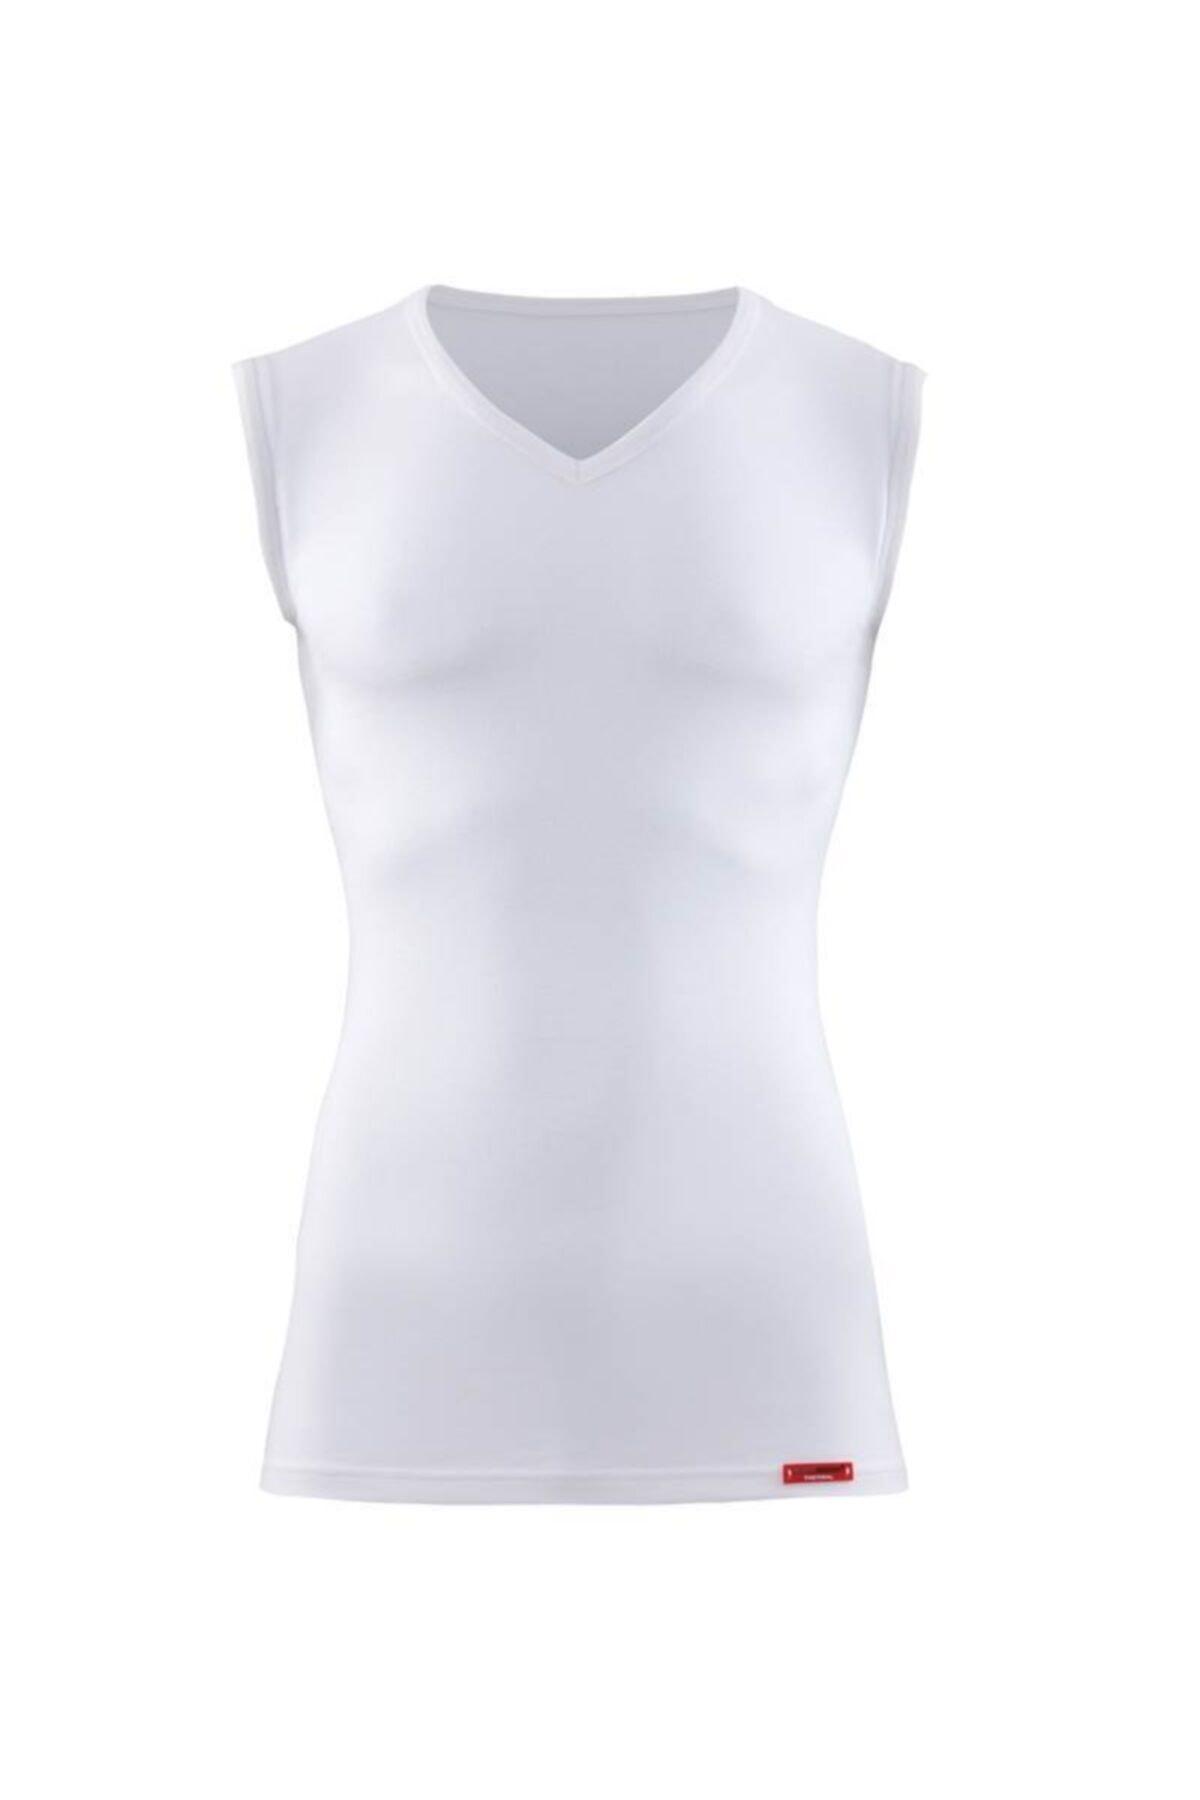 Blackspade Unisex Termal 2. Seviye T-shirt 9243-beyaz 1